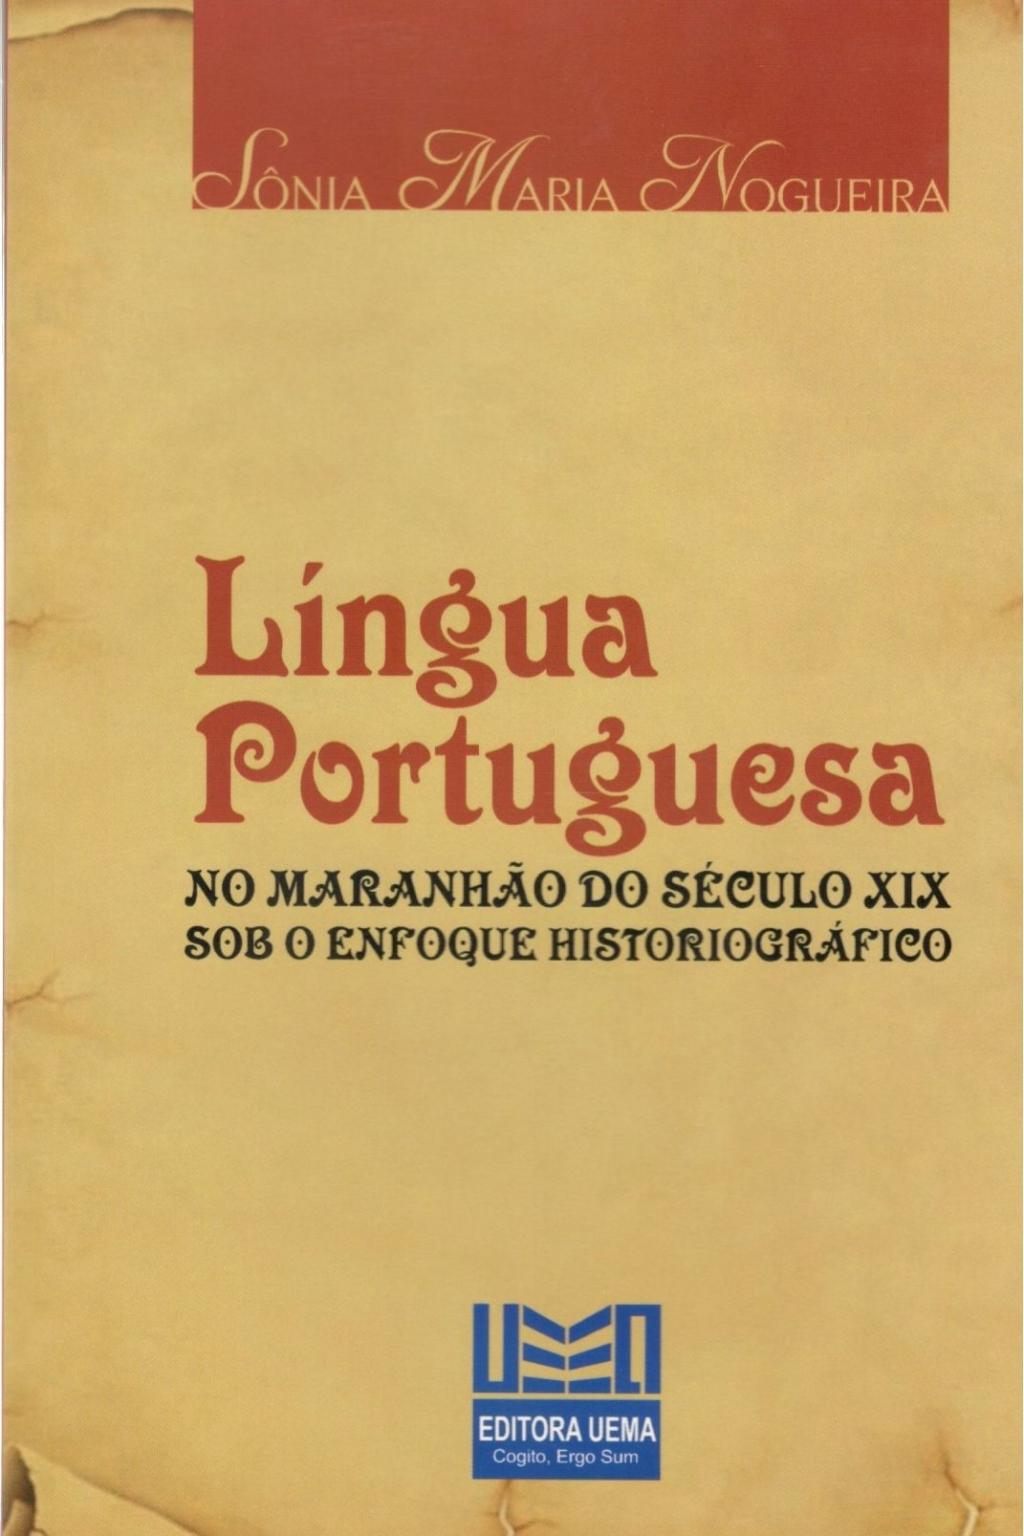 Língua Portuguesa no Maranhão do século XIX sob o enfoque historiográfico